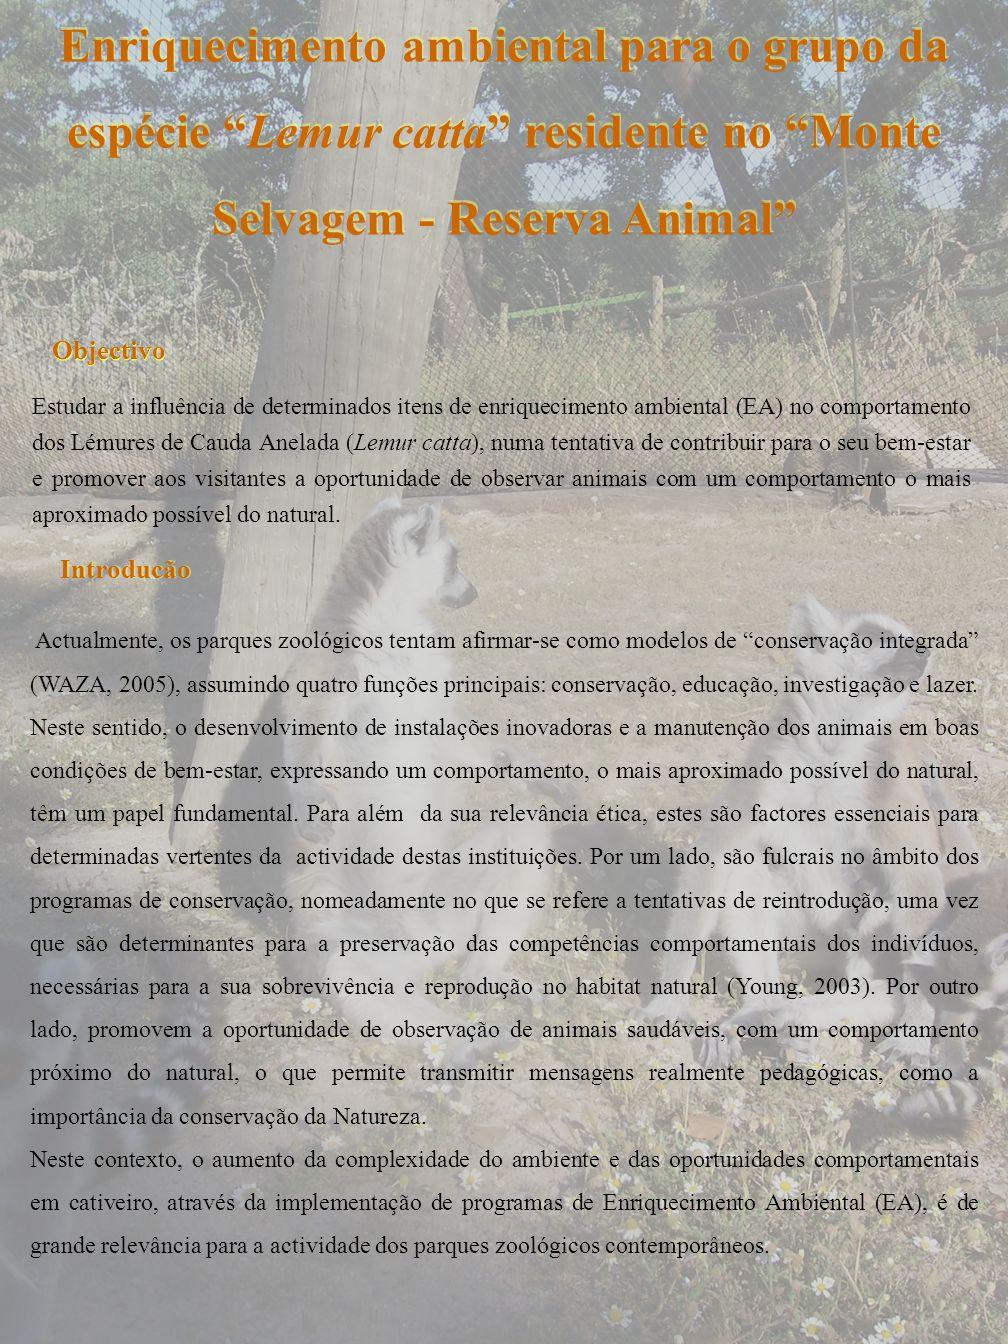 Enriquecimento ambiental para o grupo da espécie Lemur catta residente no Monte Selvagem - Reserva Animal Estudar a influência de determinados itens d